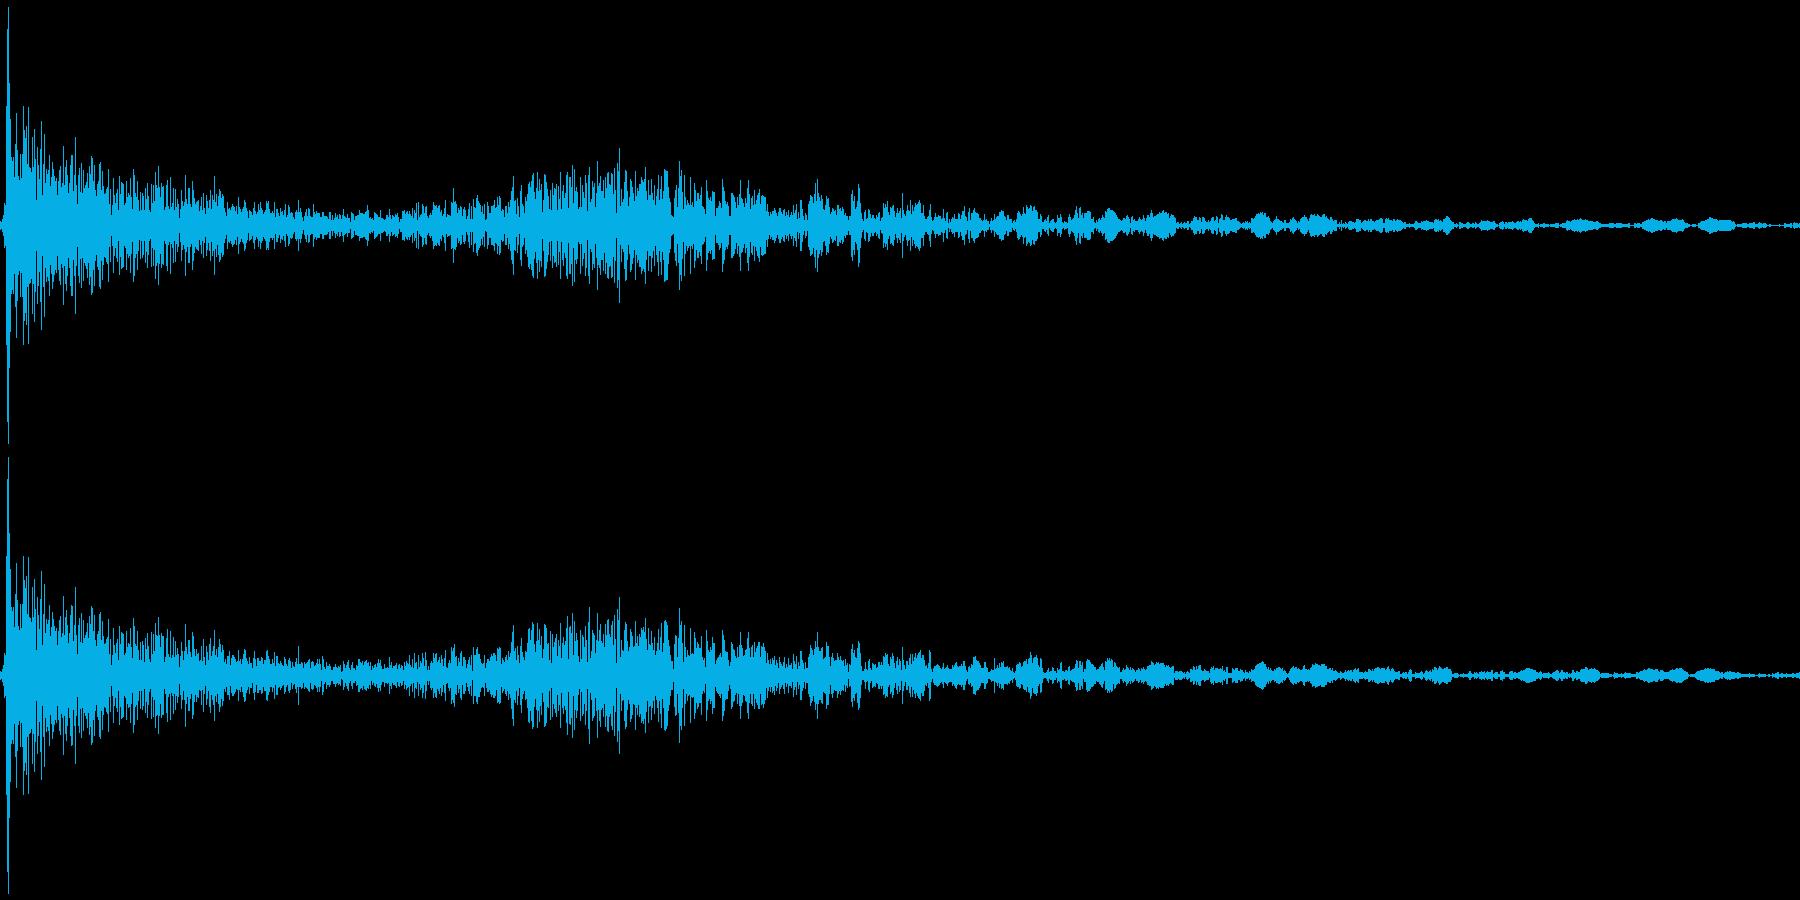 パタン カタン(ロッカーを閉める音)の再生済みの波形